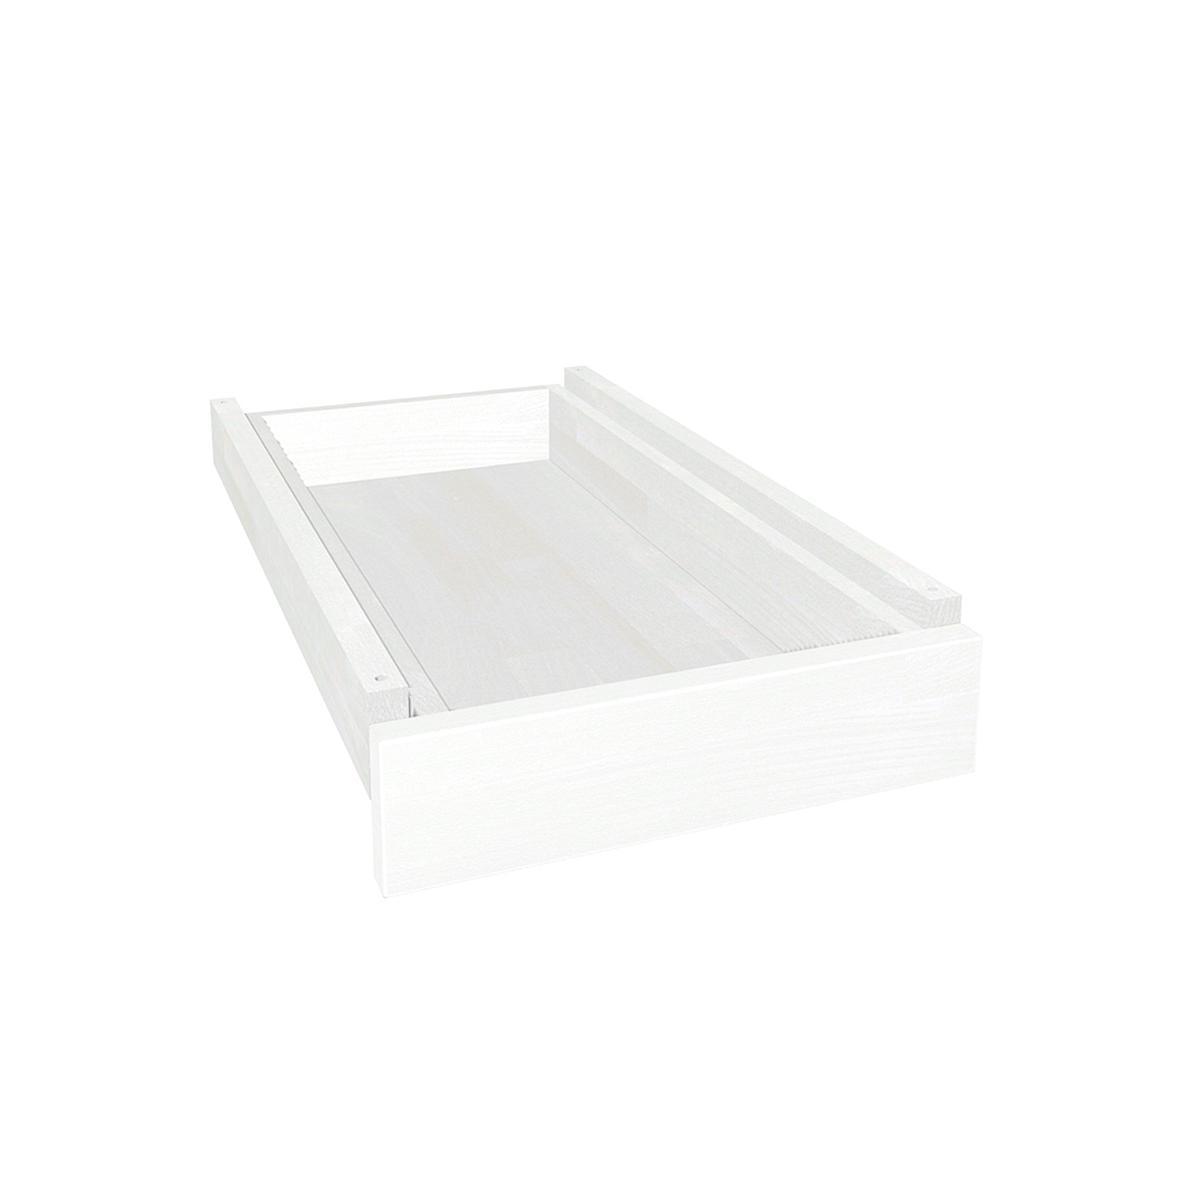 Schreibtischschublade auf Holzleisten ZIGGY DETAIL Debreuyn Buche massiv weiß-gebeizt lackiert